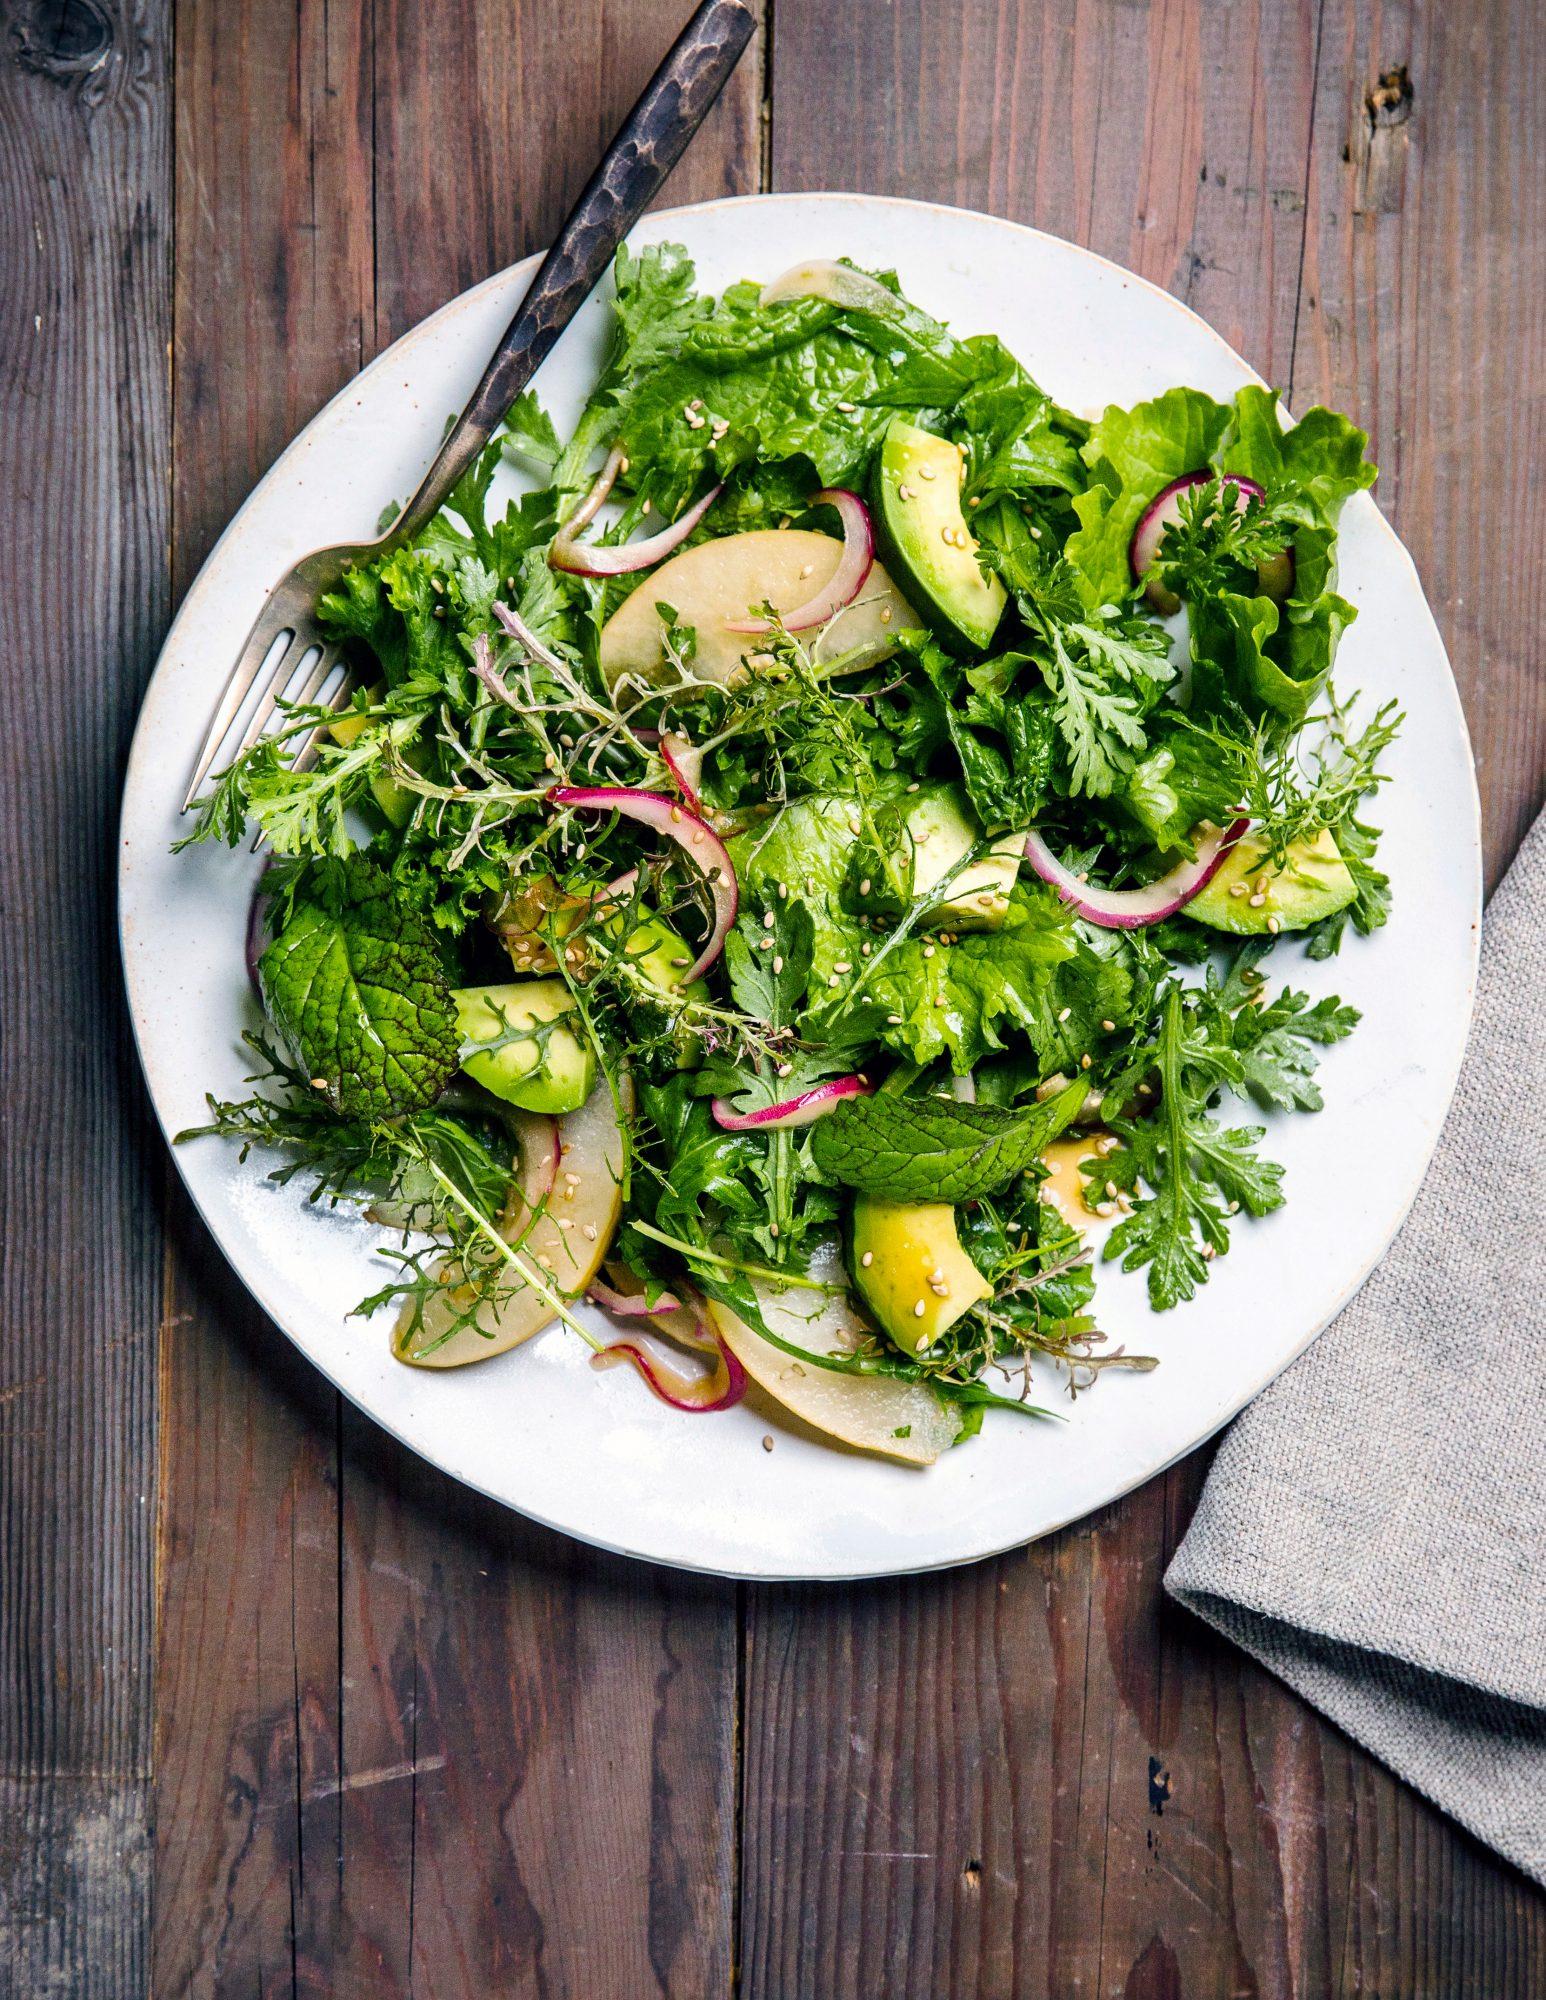 Pear and Asian Greens Salad